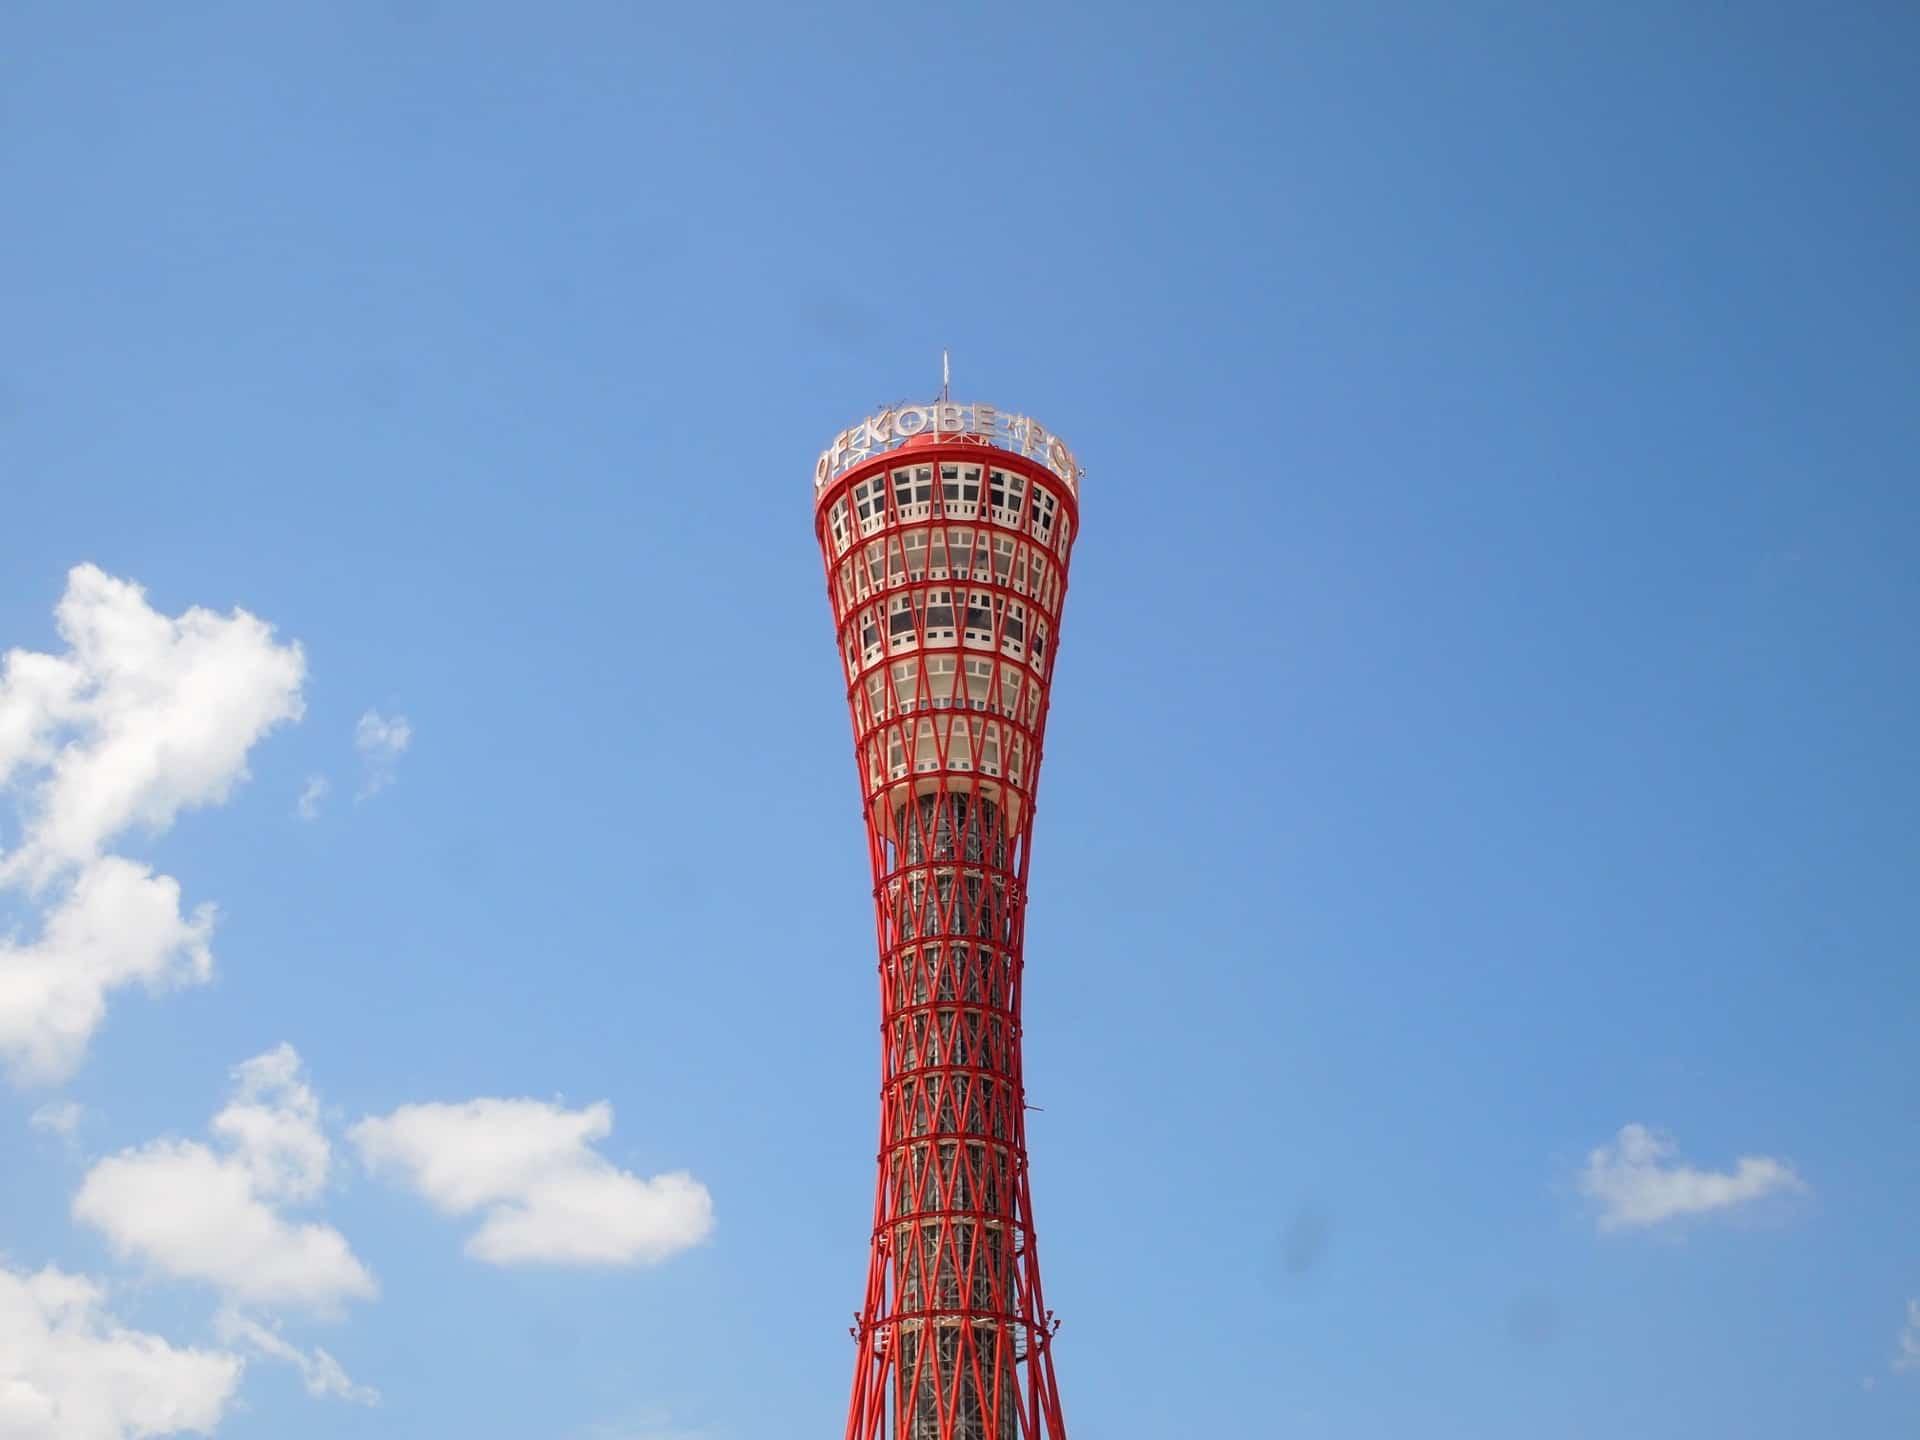 神戸の人気施設が無料開放!「KOBE観光の日2020」は須磨水族館などへ行こう♪